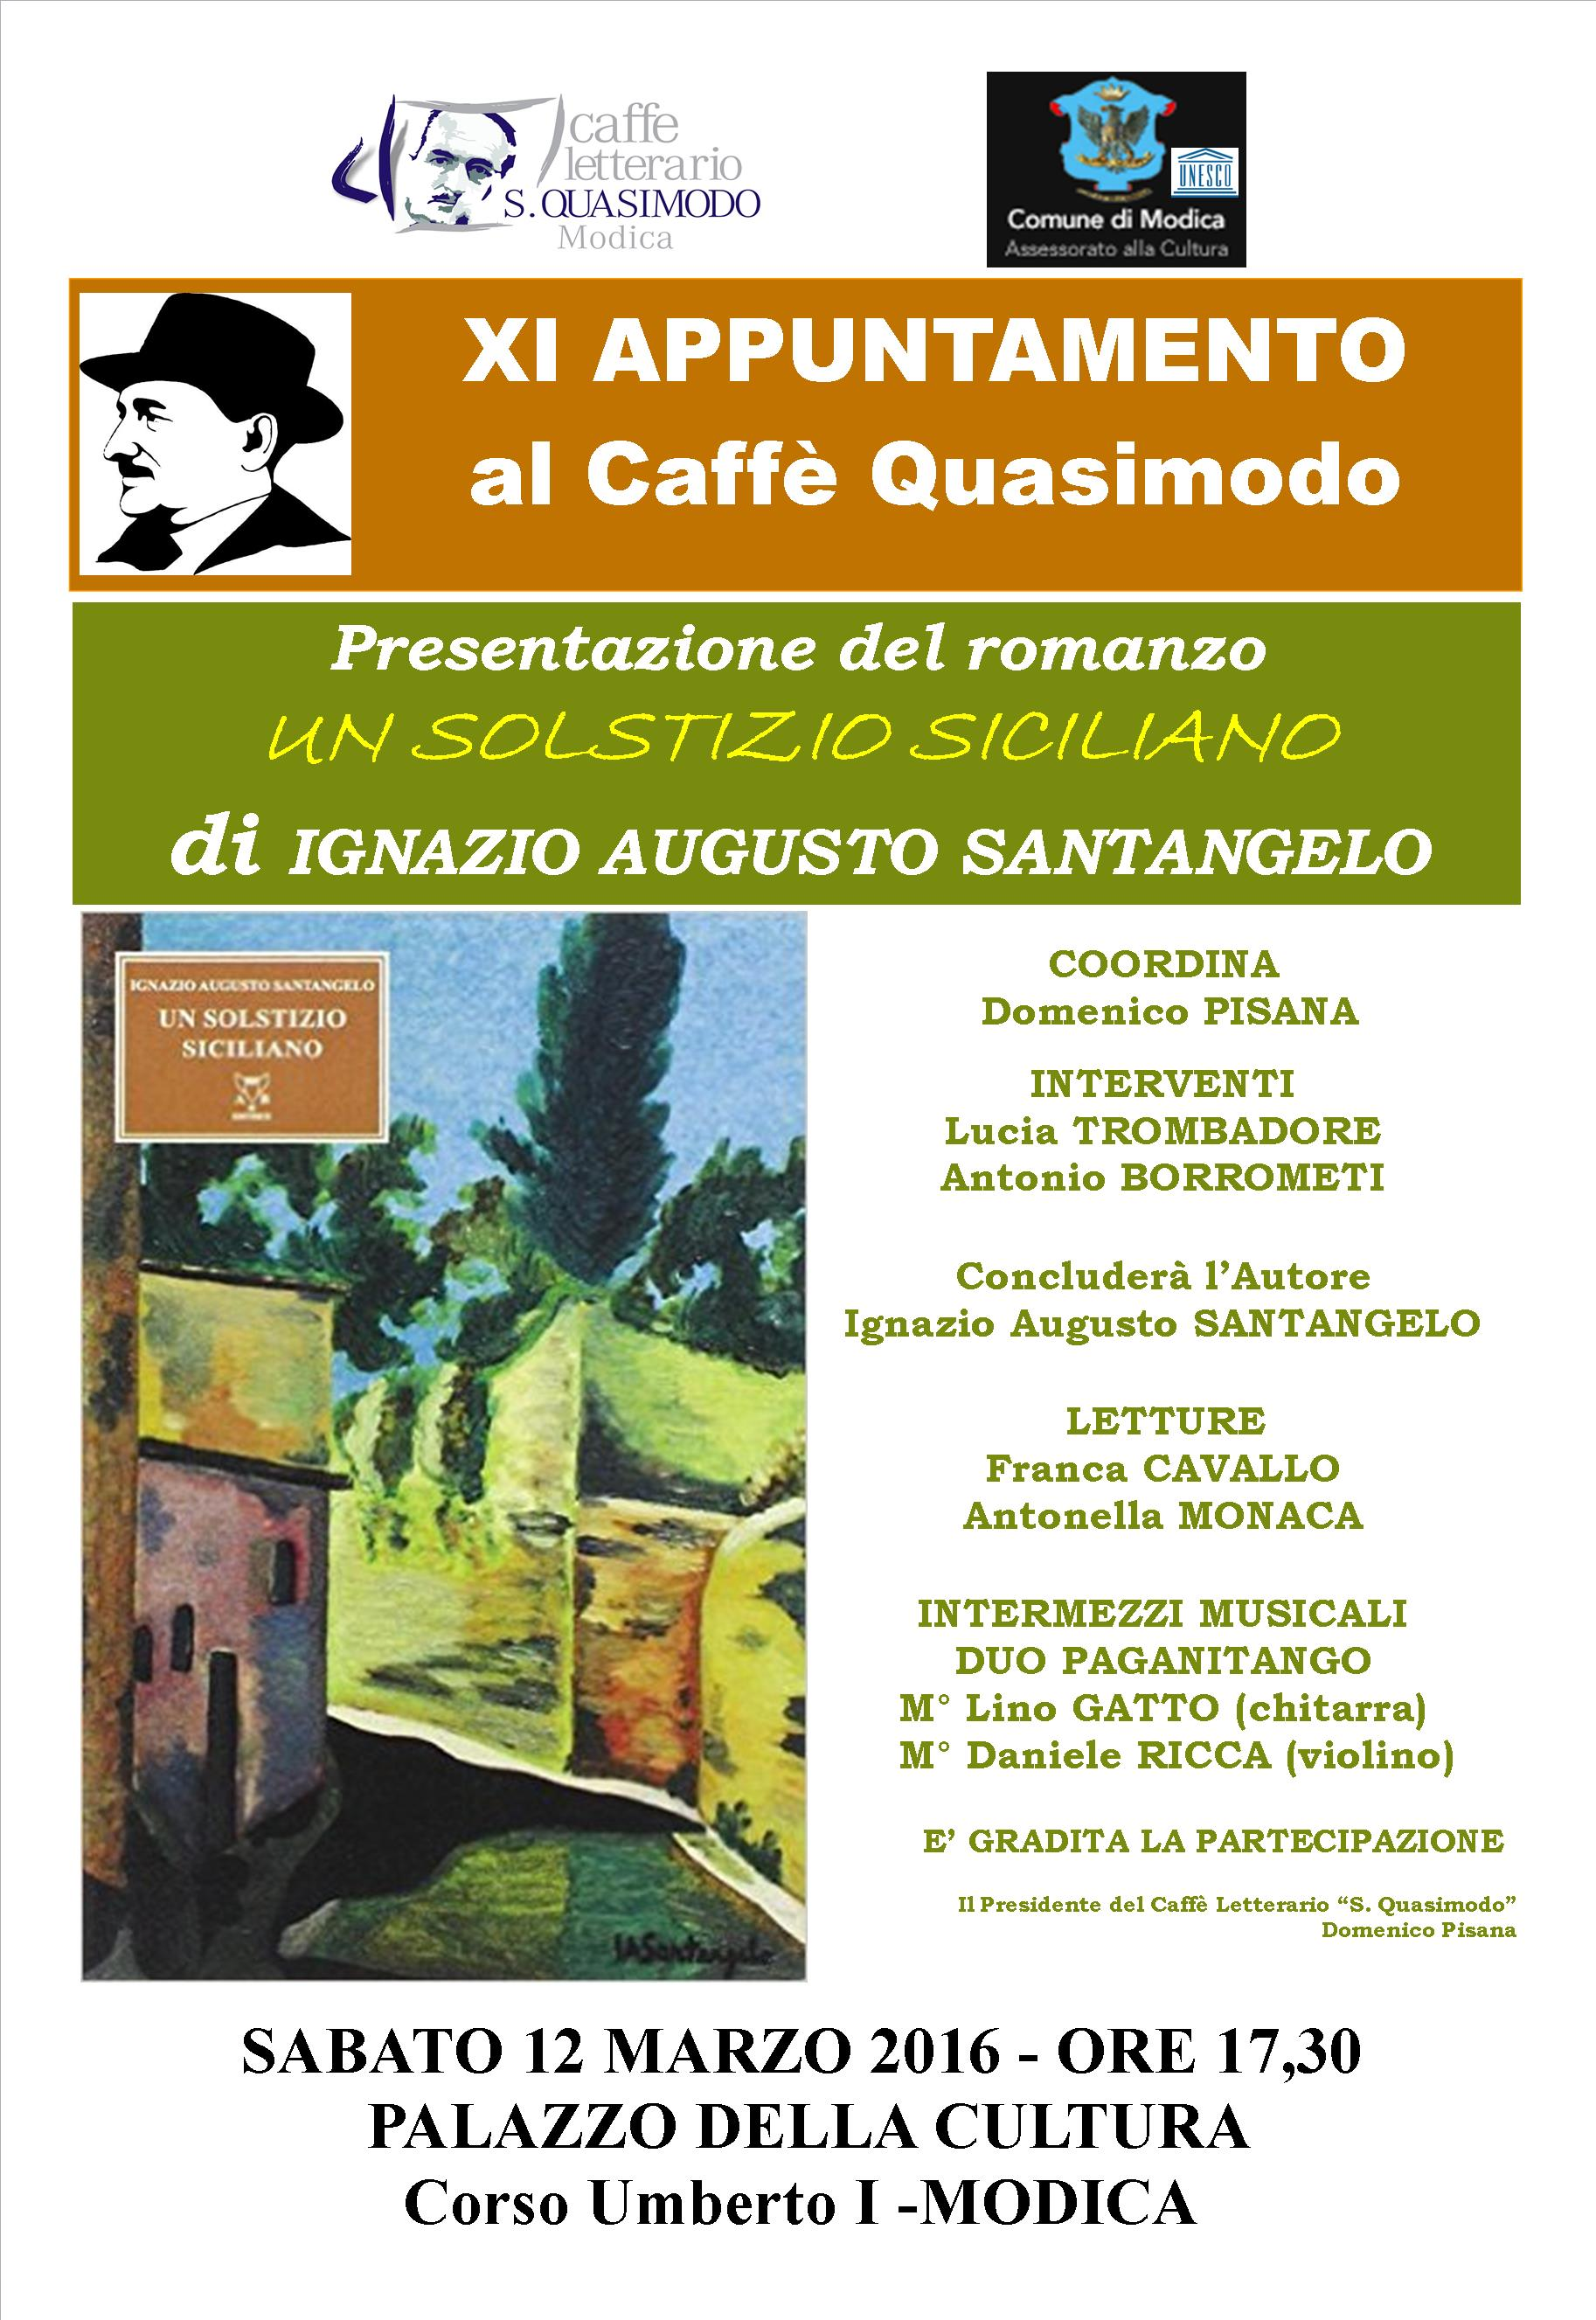 """Modica. """"Un solstizio siciliano"""": presentazione del romanzo del giudice  Ignazio Augusto Santangelo, il 12 marzo al Caffè Quasimodo."""